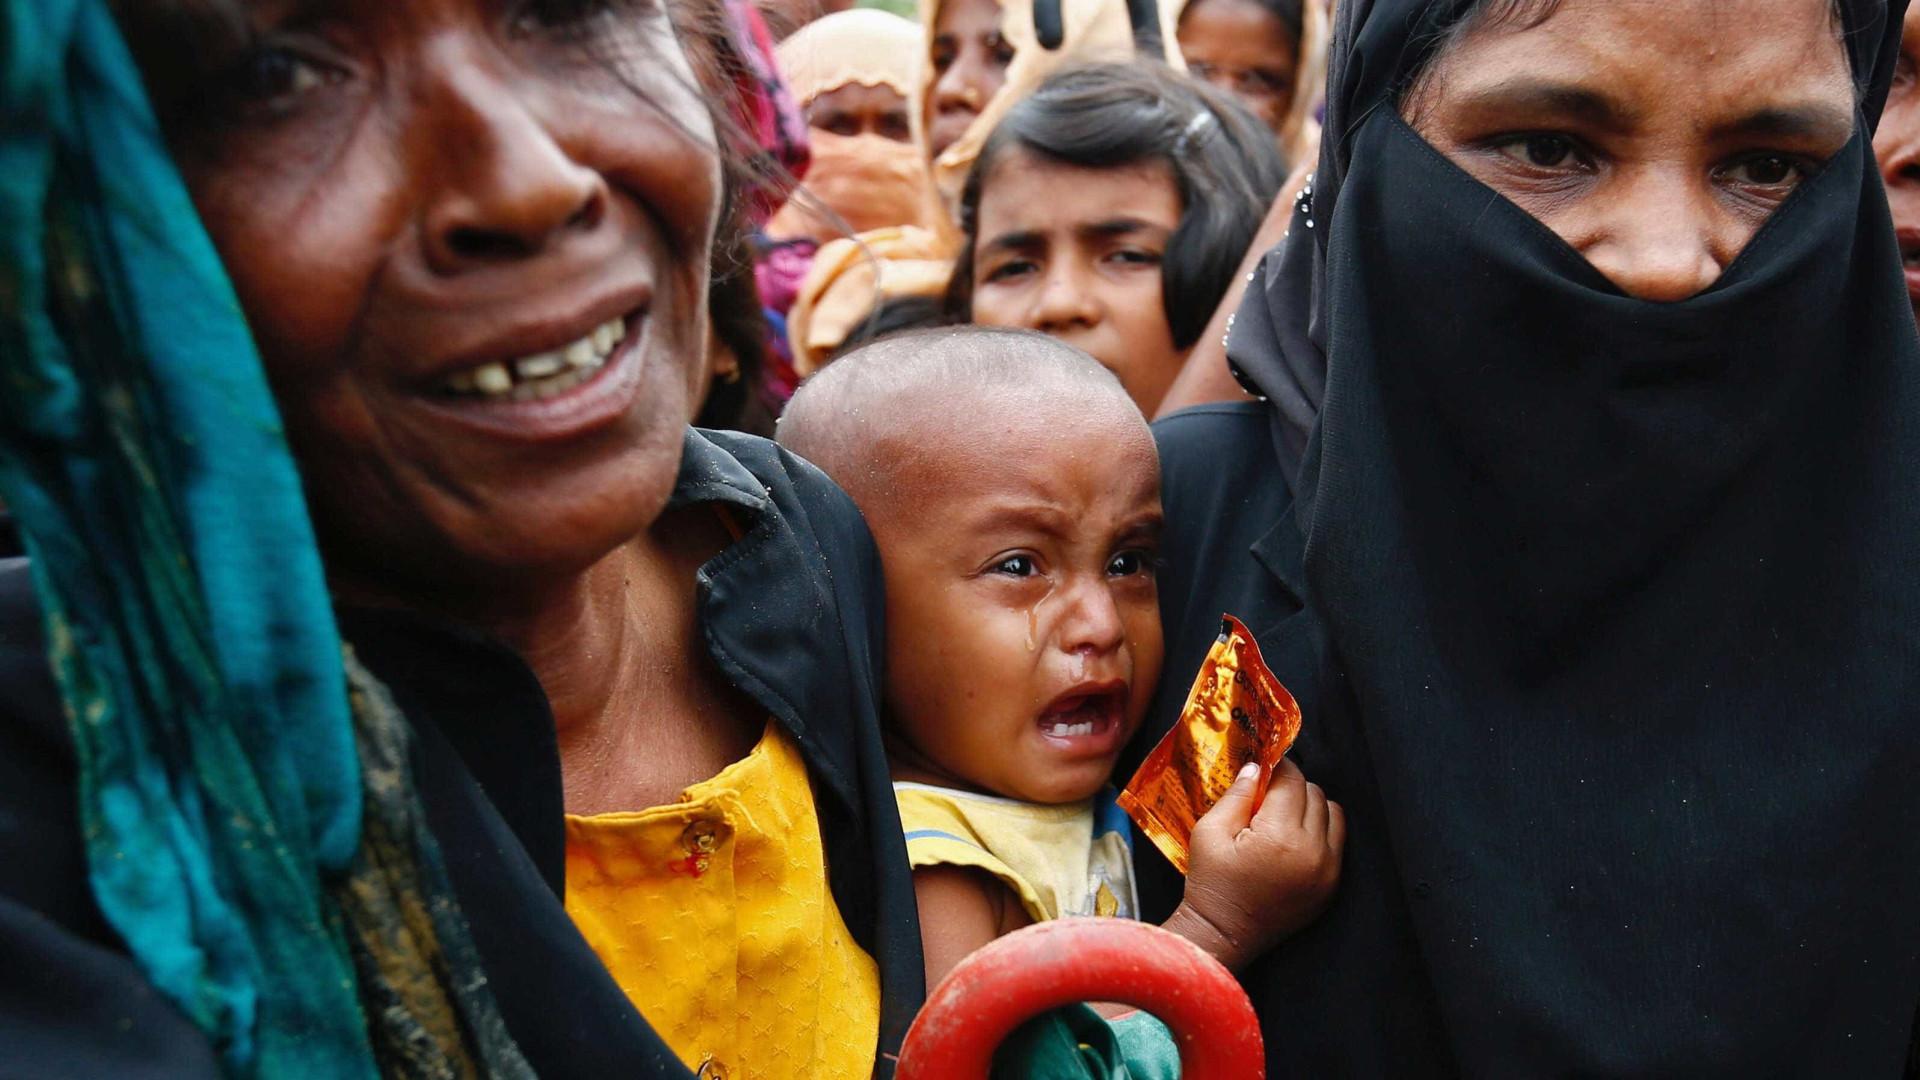 Acordo entre Birmânia e Bangladesh sobre rohingya ainda sem efeitos